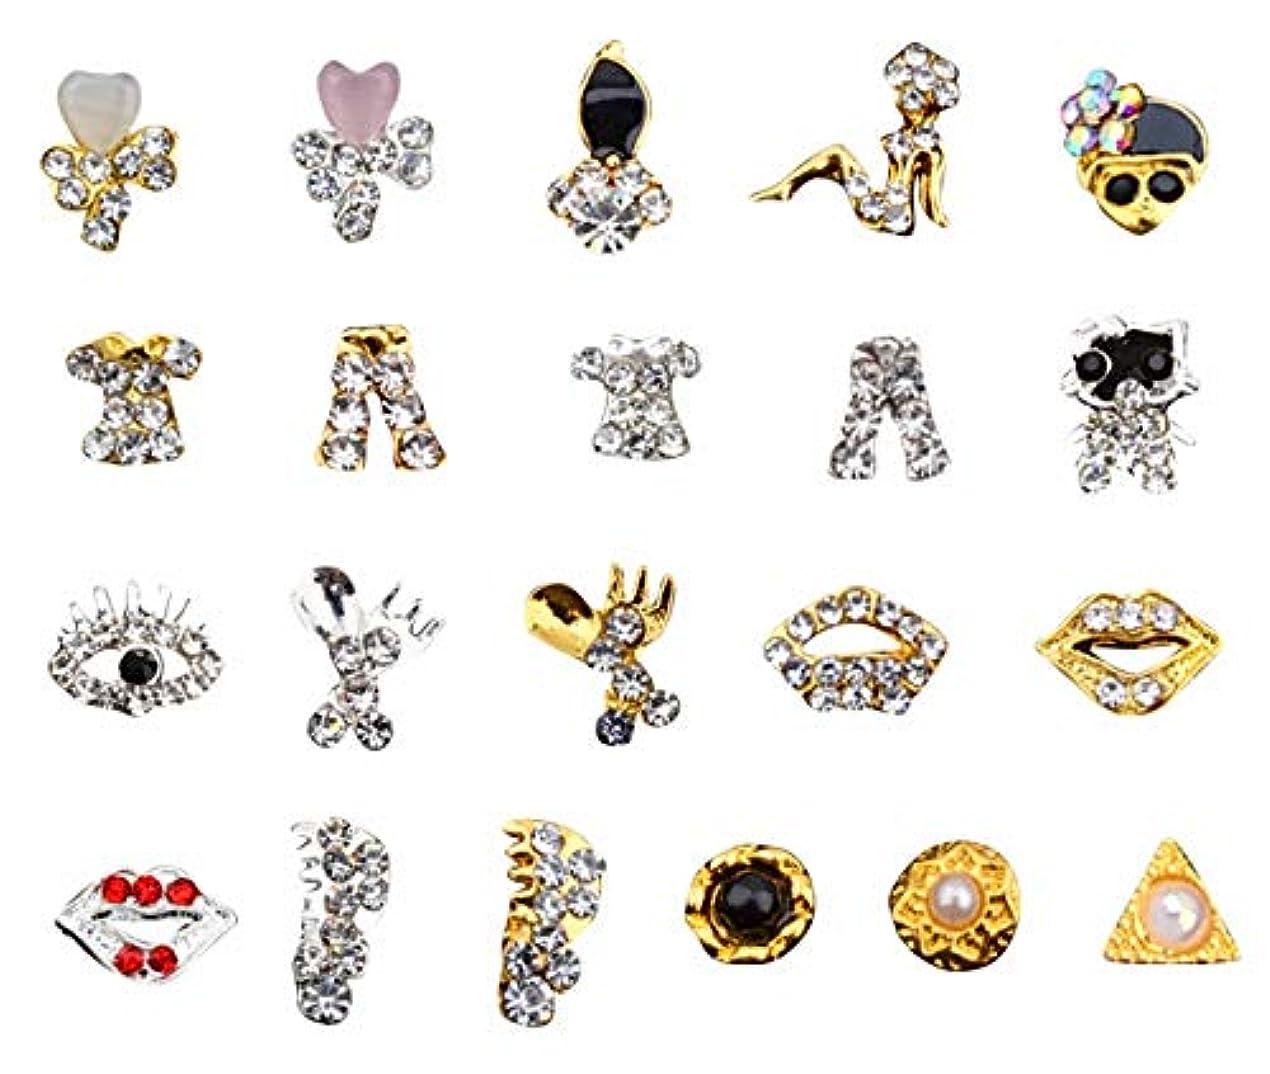 自分の始めるデコードするKerwinner ネイルアートの装飾用品のためのラインストーン宝石ストーンズネイル